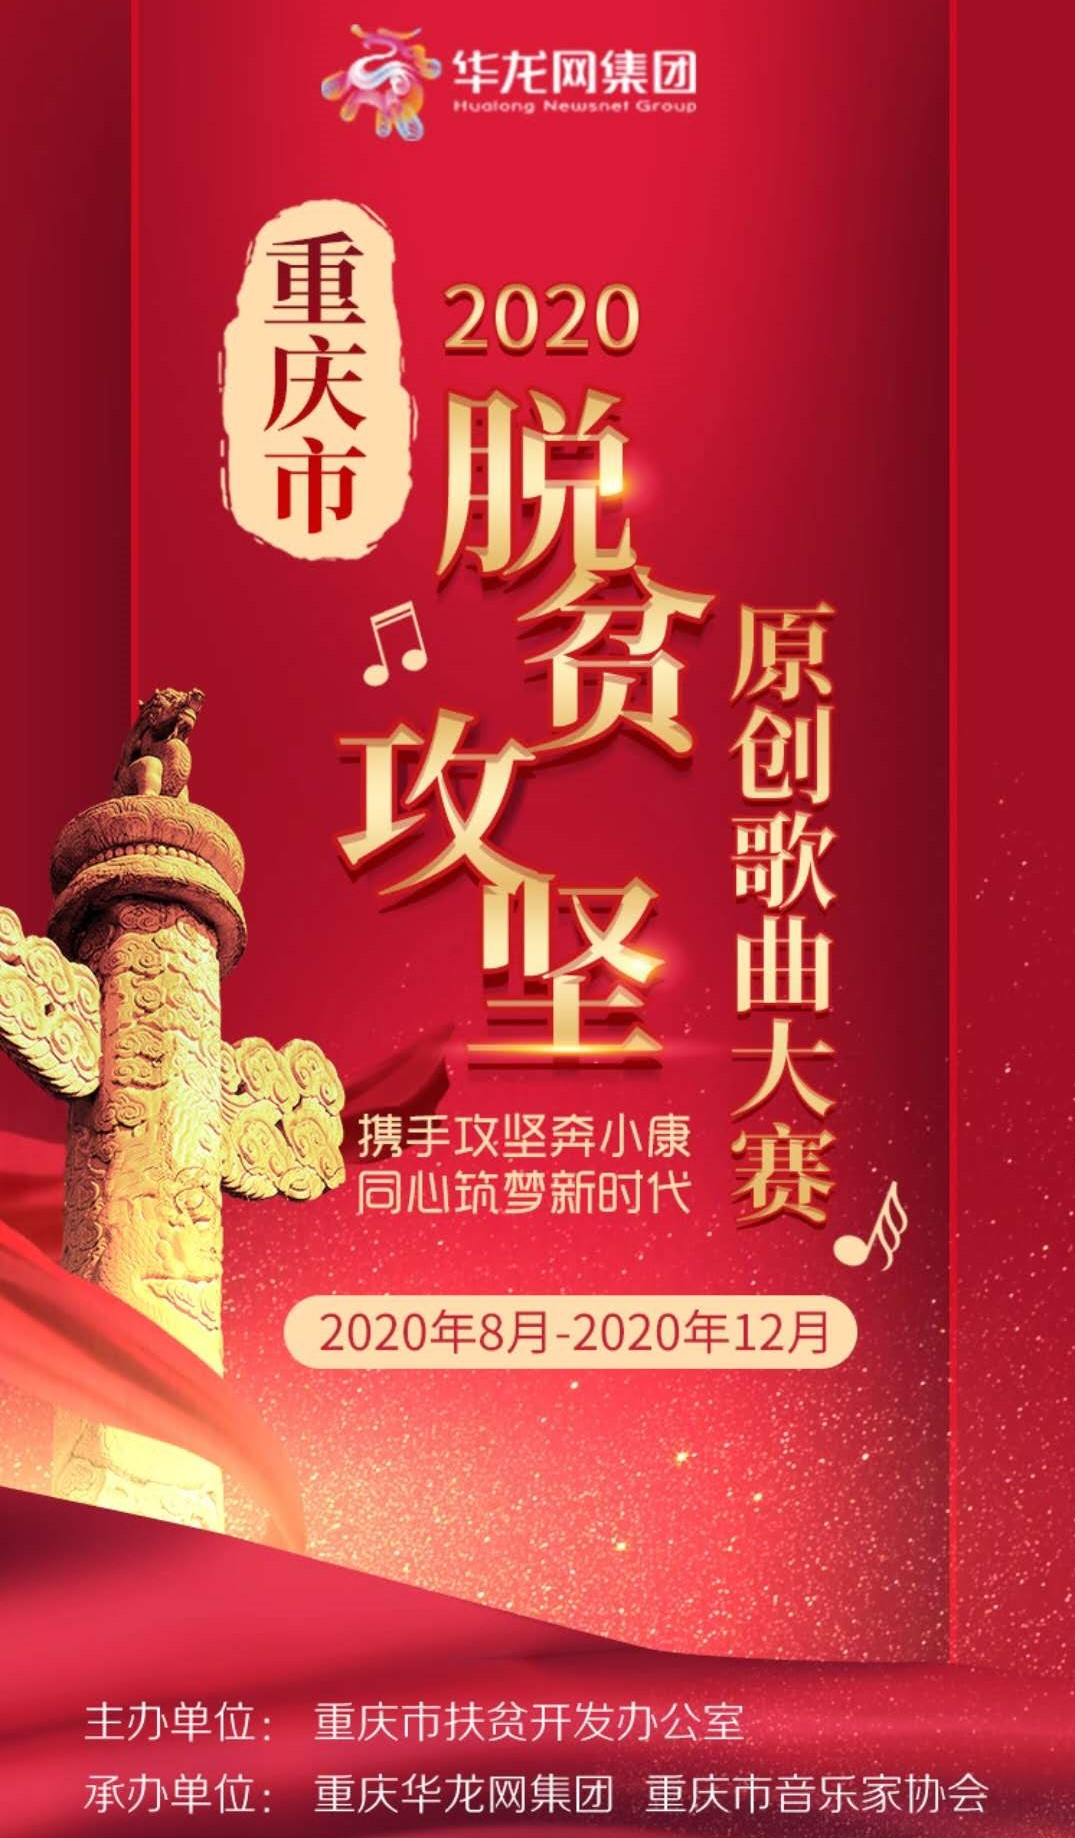 关于2020年重庆市脱贫攻坚原创歌曲征集大赛活动的通知